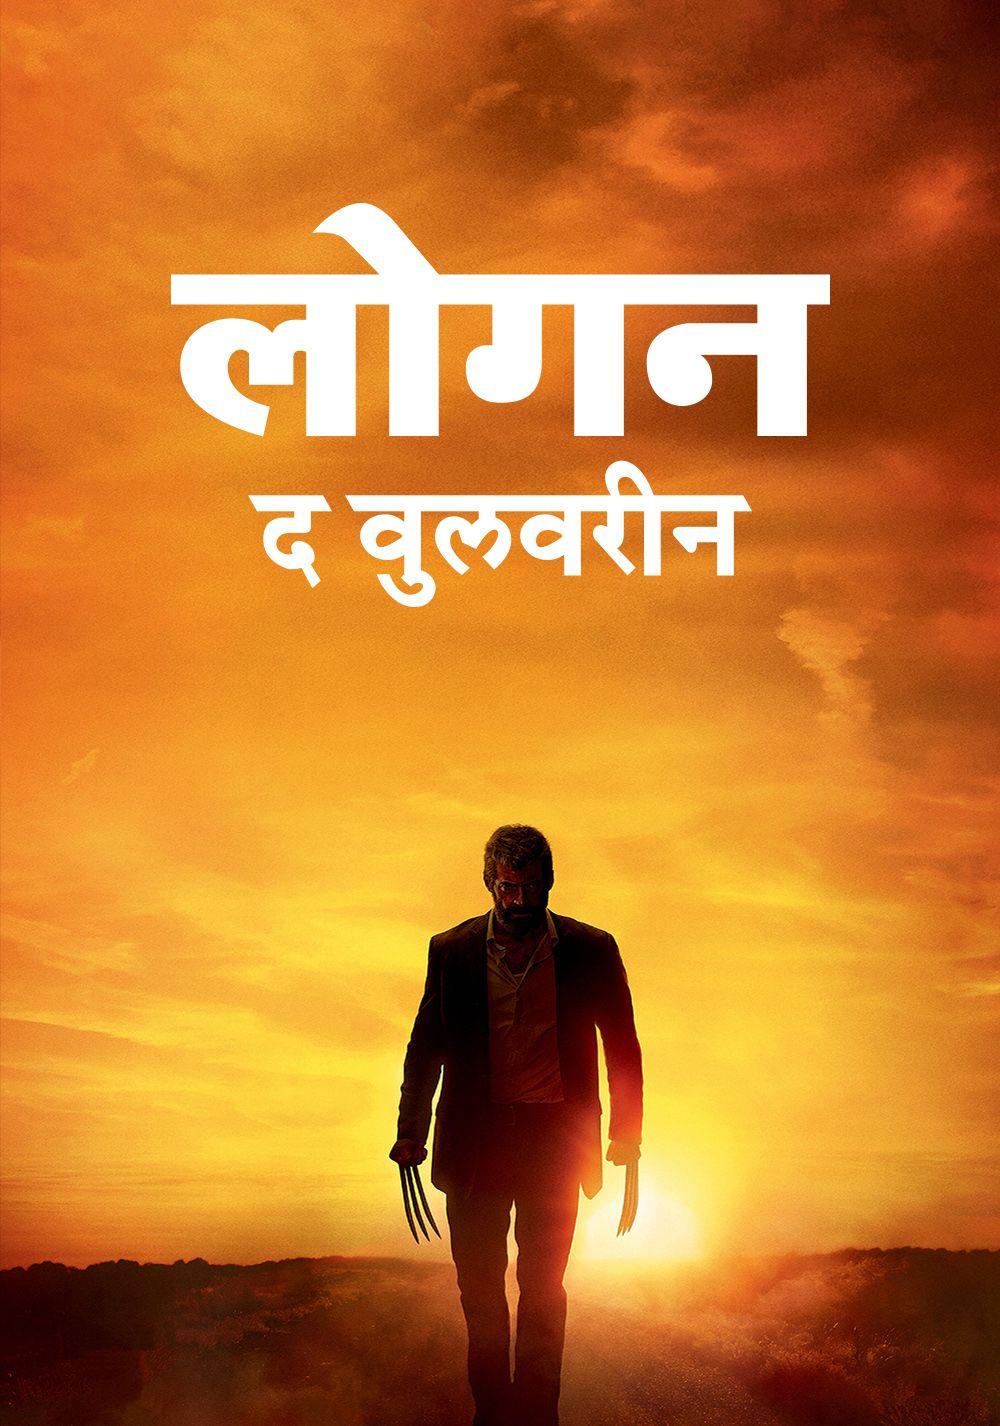 Logan 2017 Hindi Poster Hindi Posters Pinterest